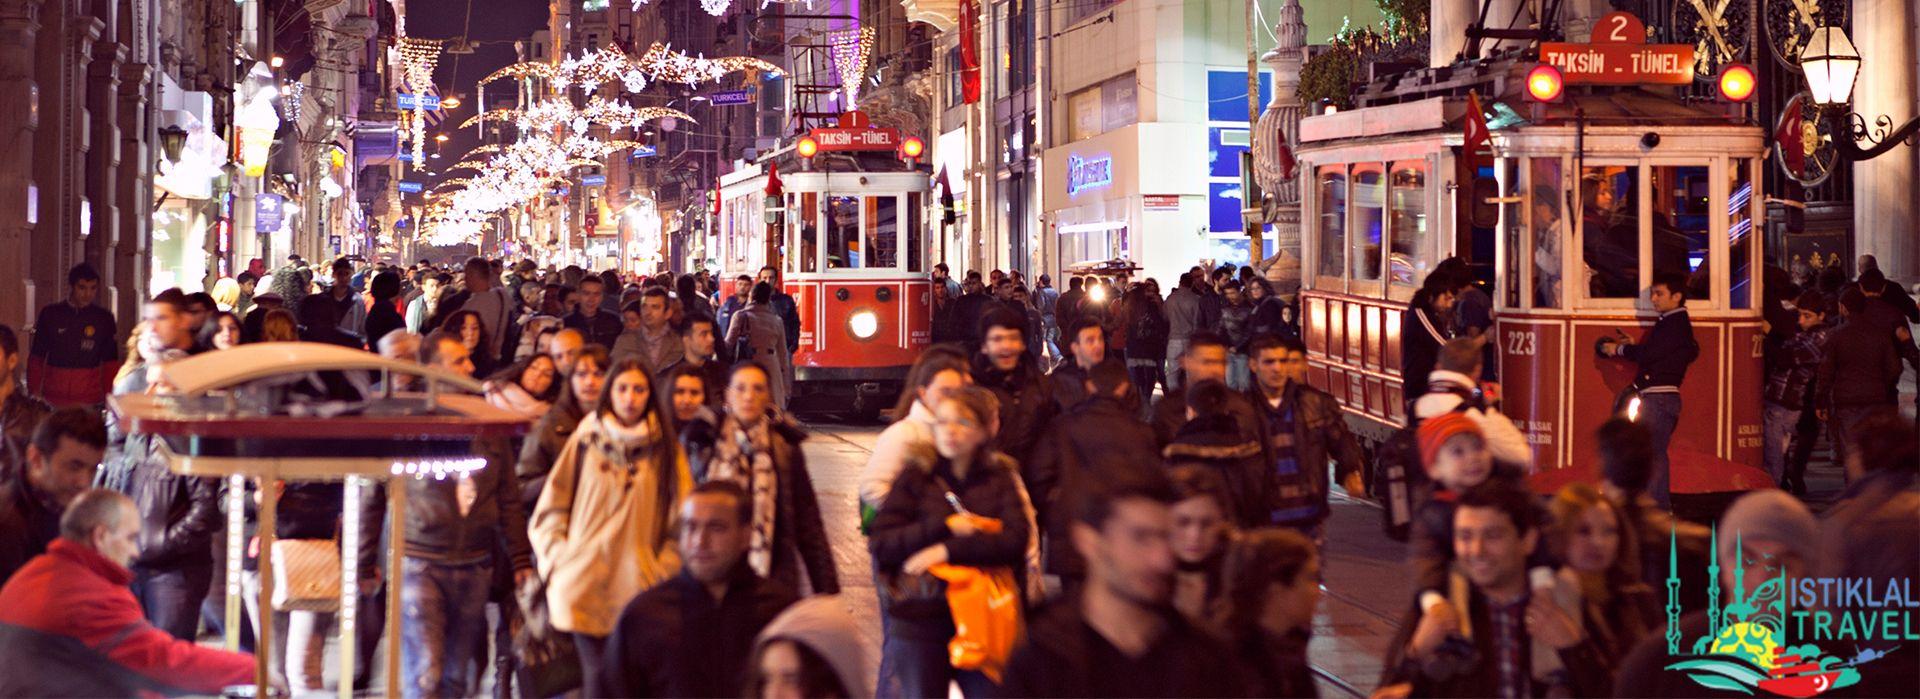 تركيا اسطنبول شارع الاستقلال